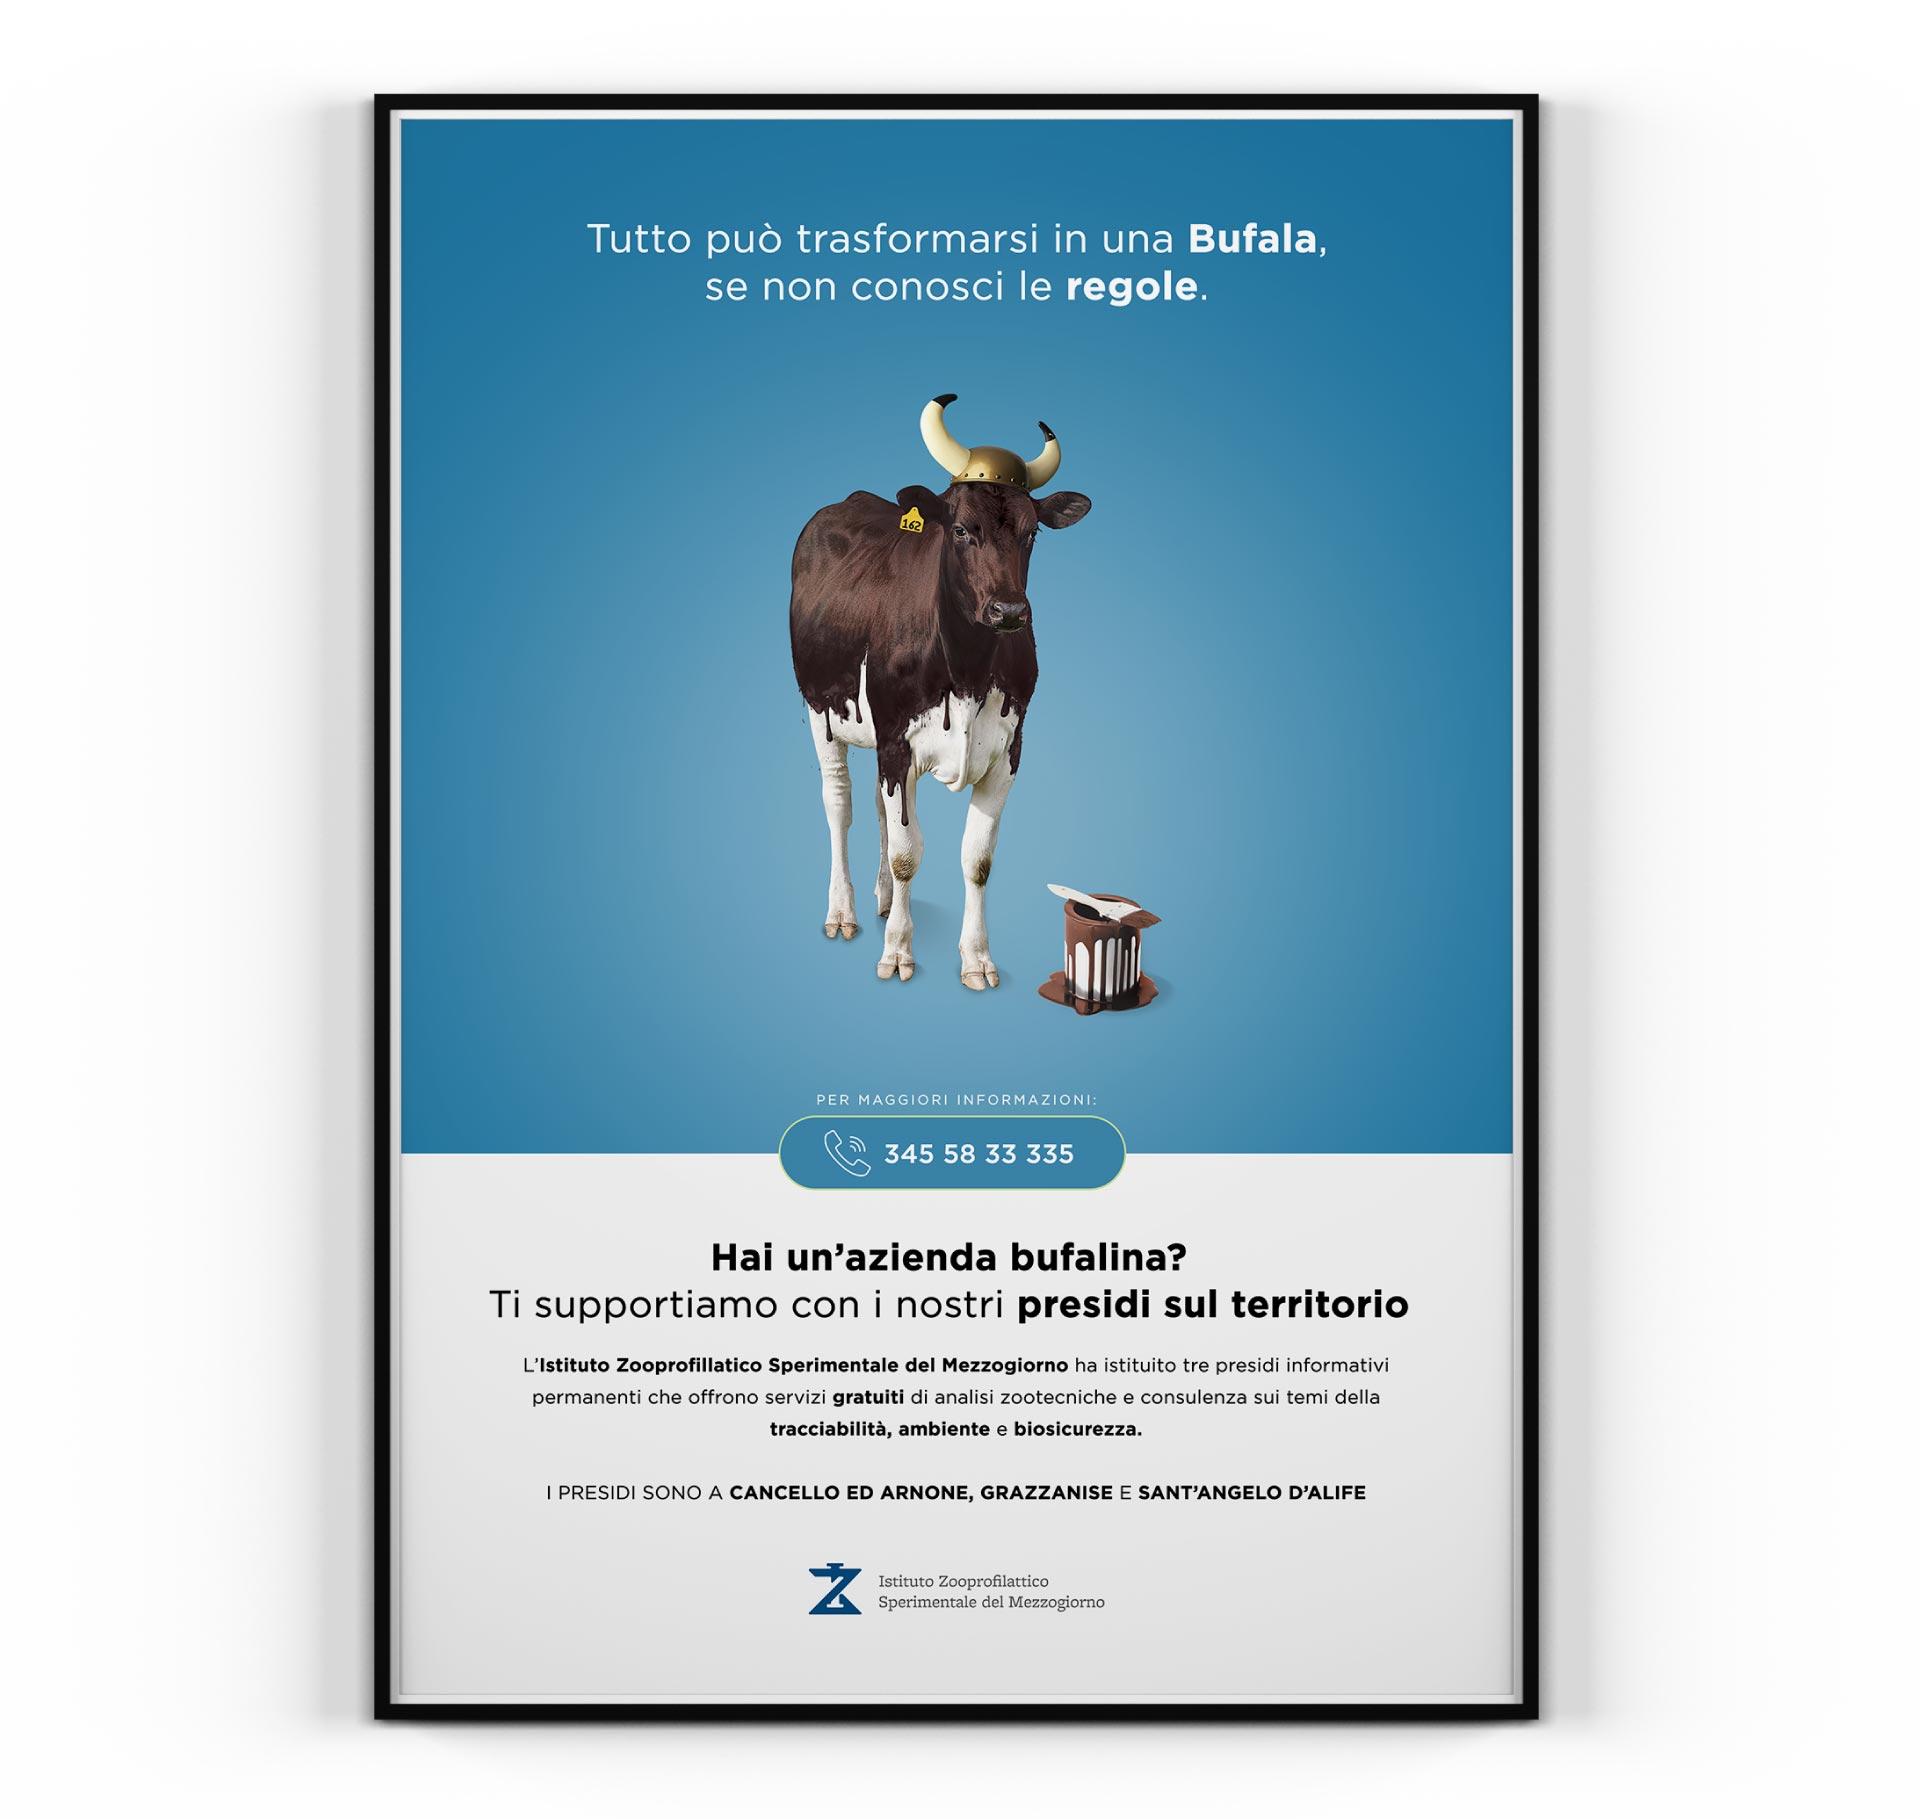 bufala ads